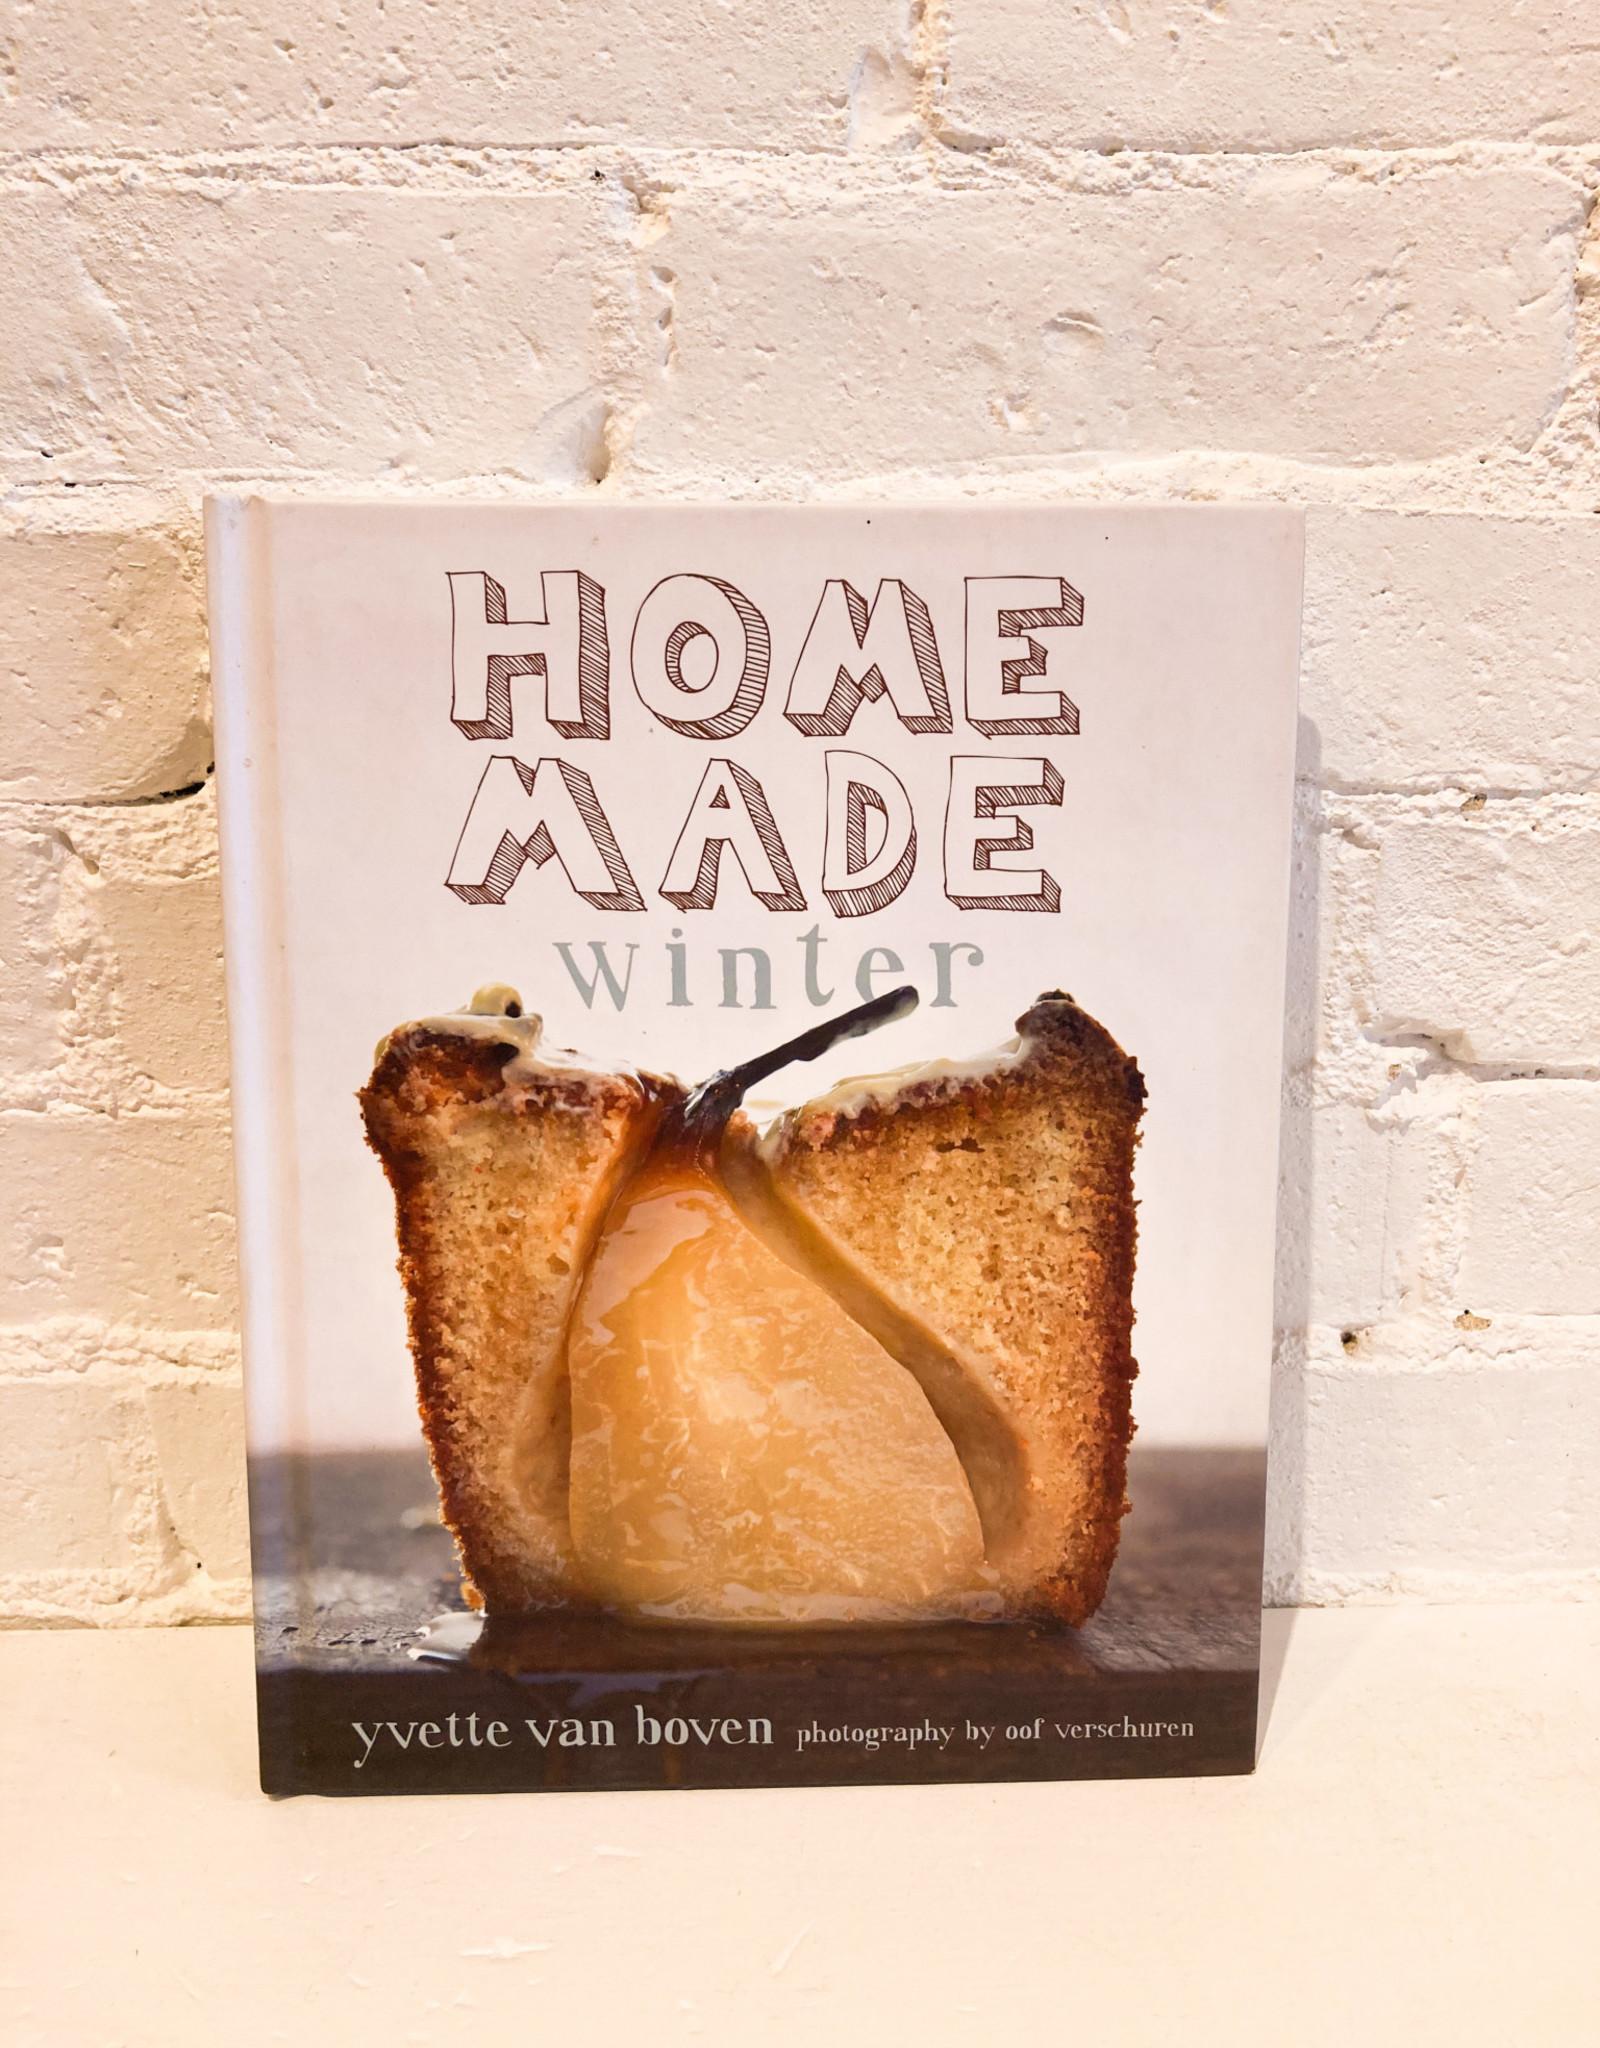 Home Made Winter by Yvette Van Boven